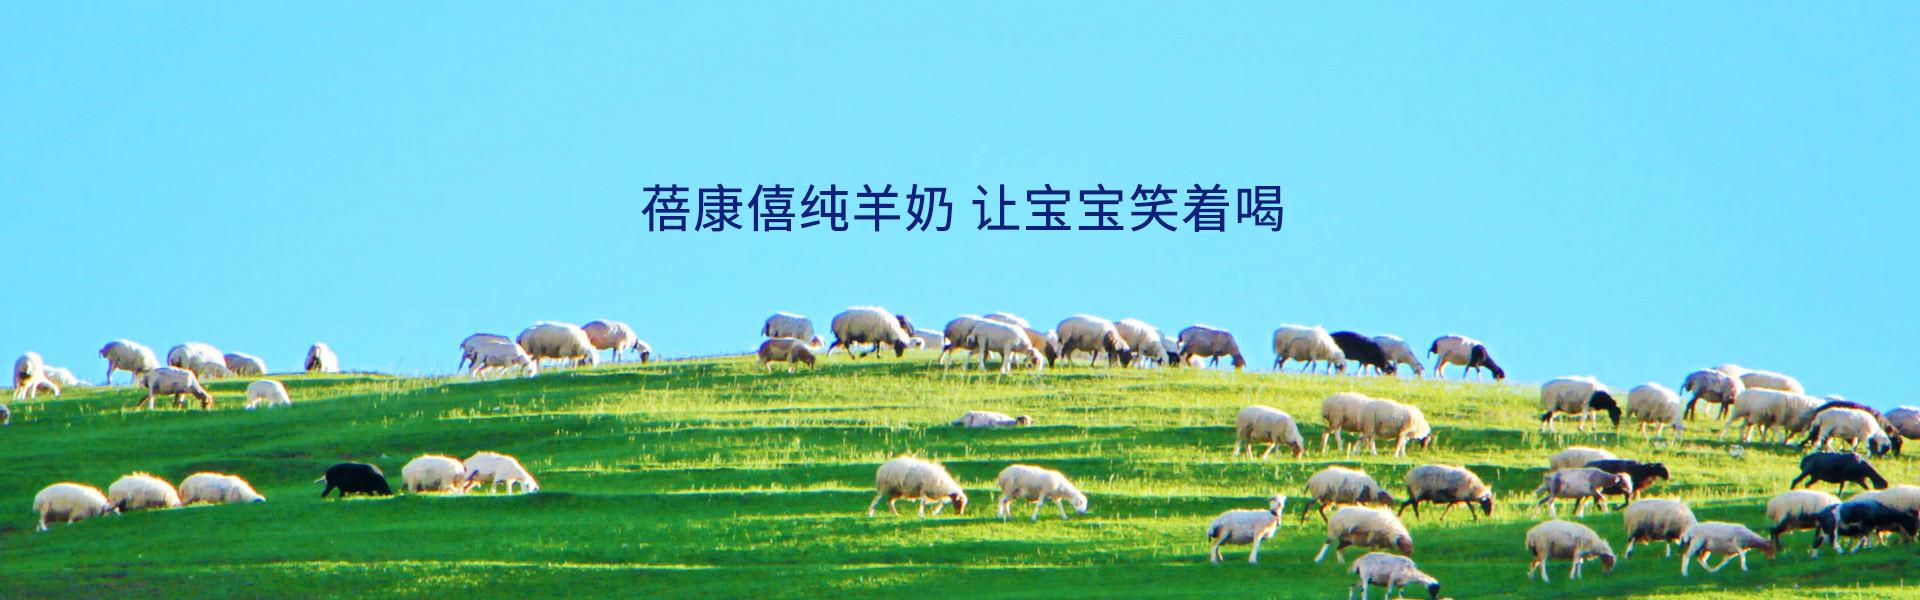 世界好羊奶